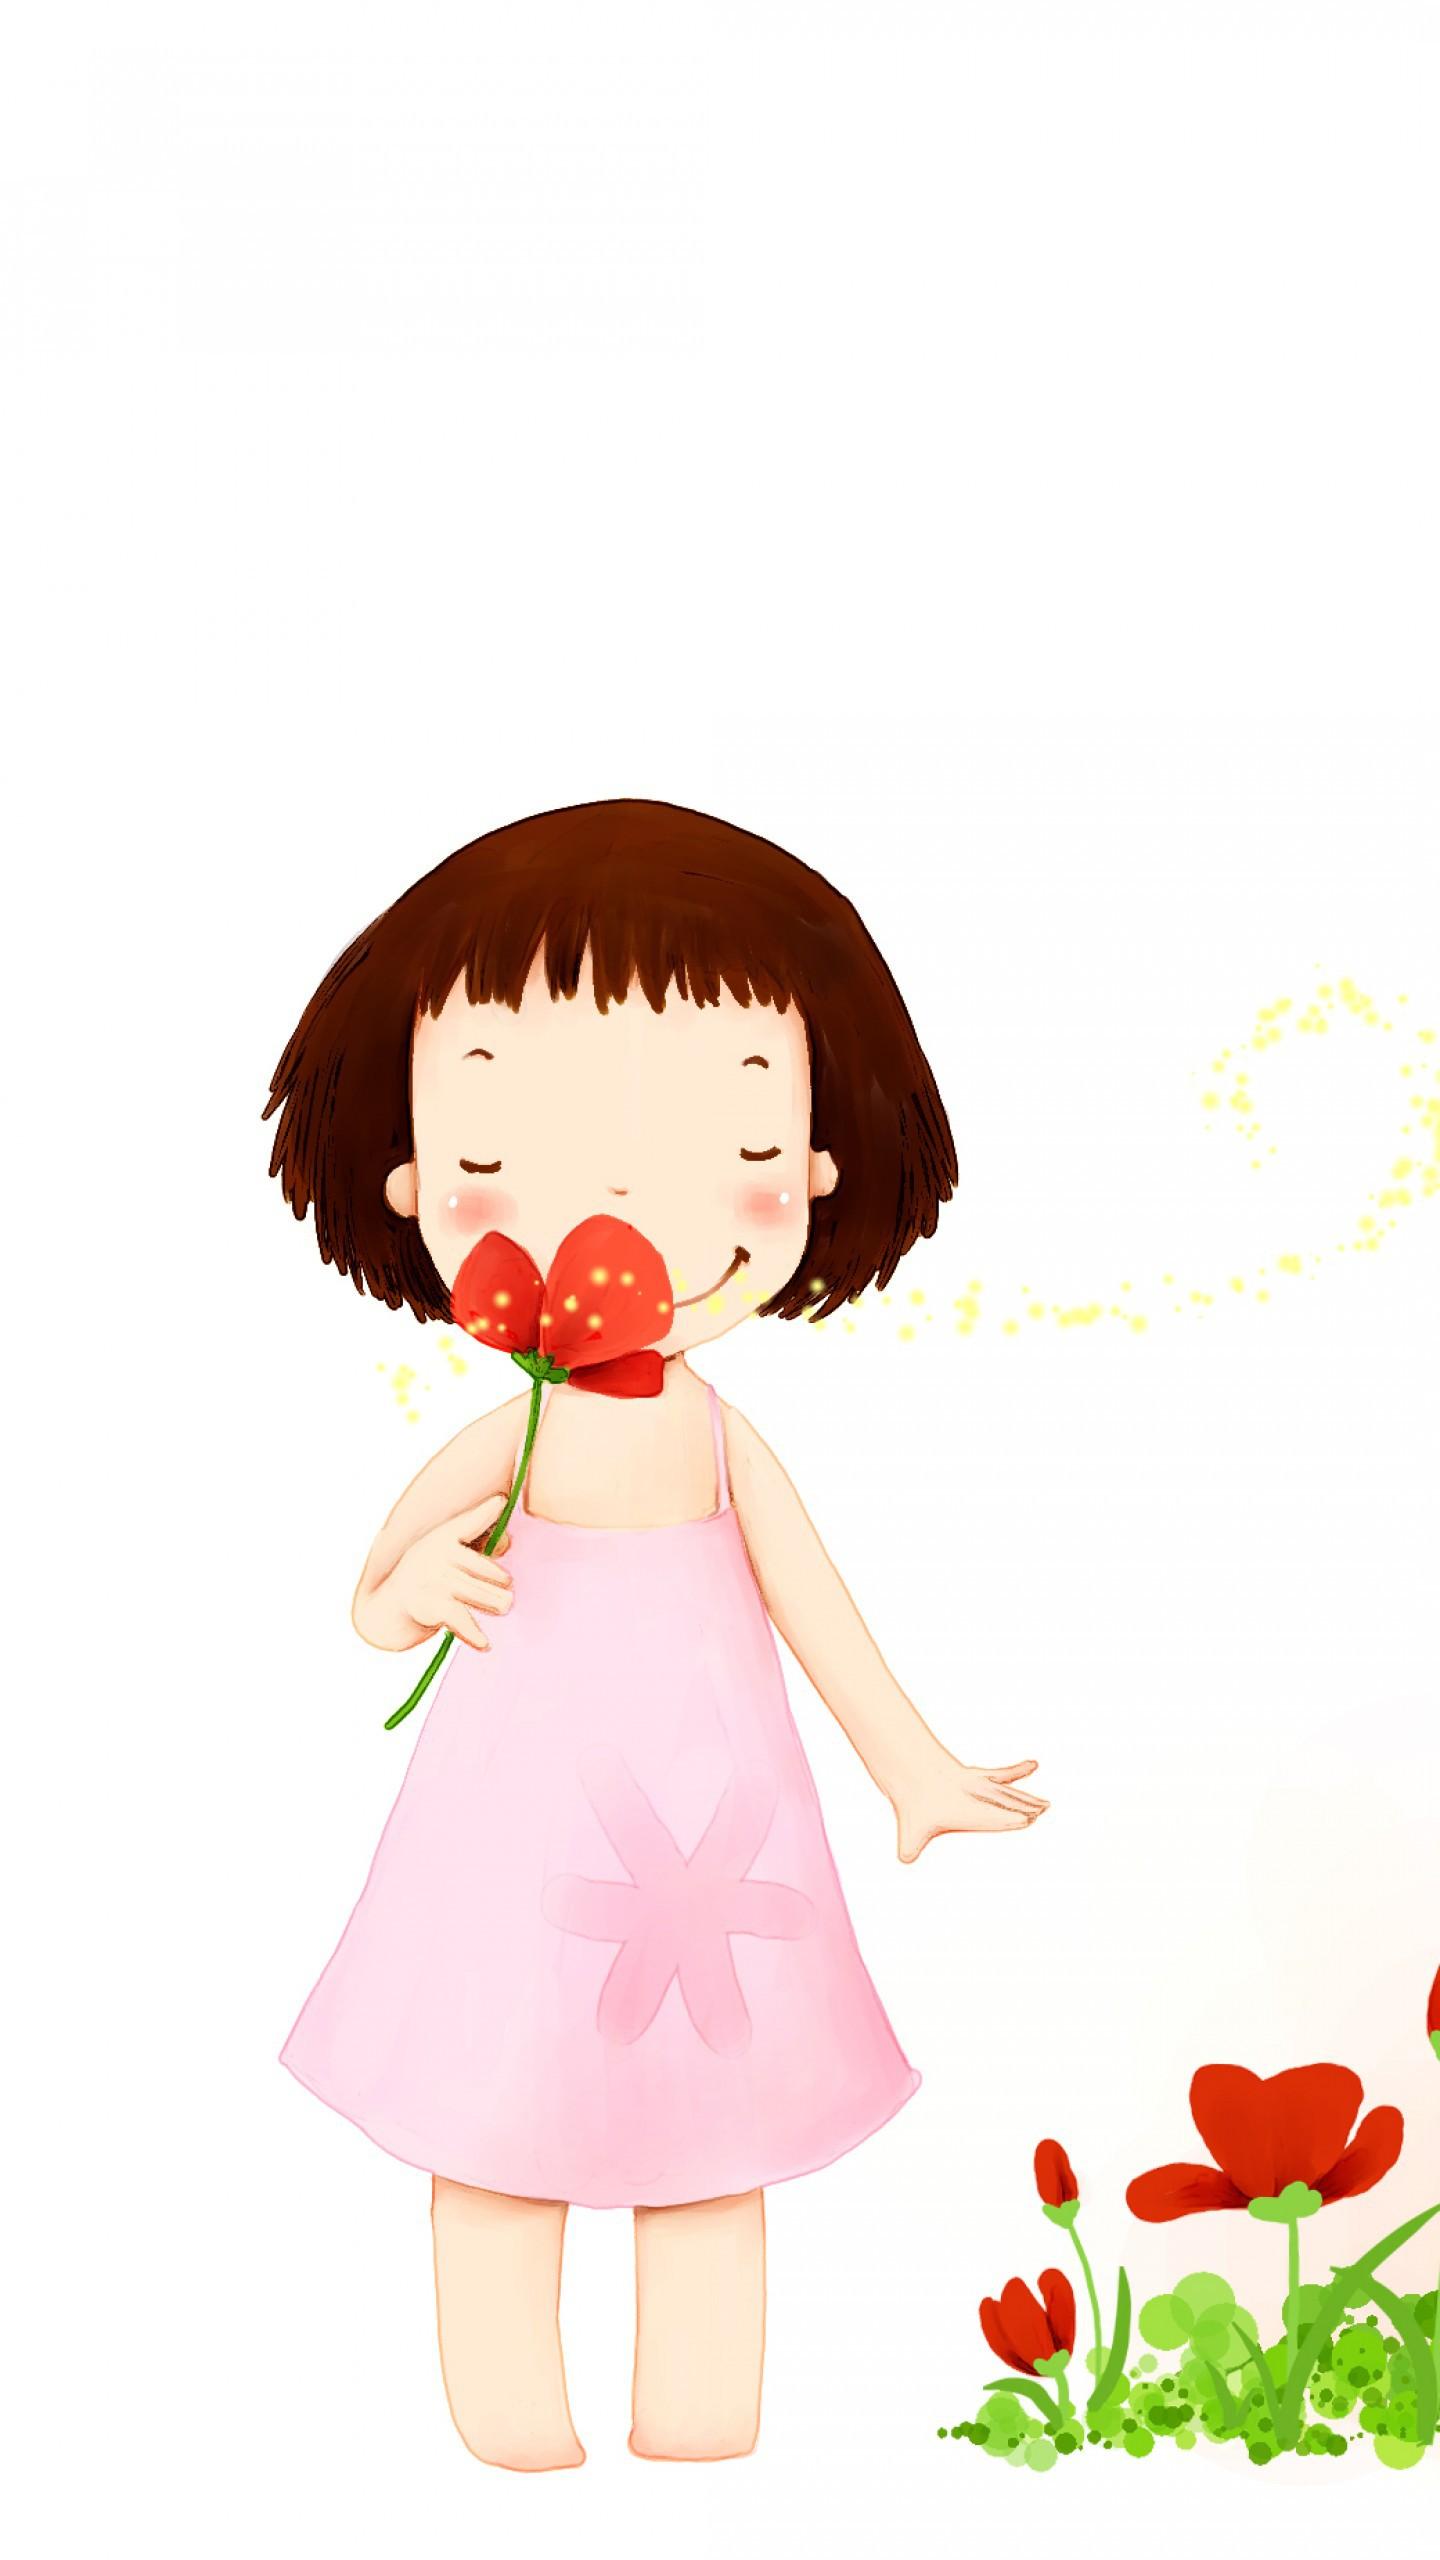 عکس زمینه تصویر کارتونی دختر زیبا با گلی در دست پس زمینه